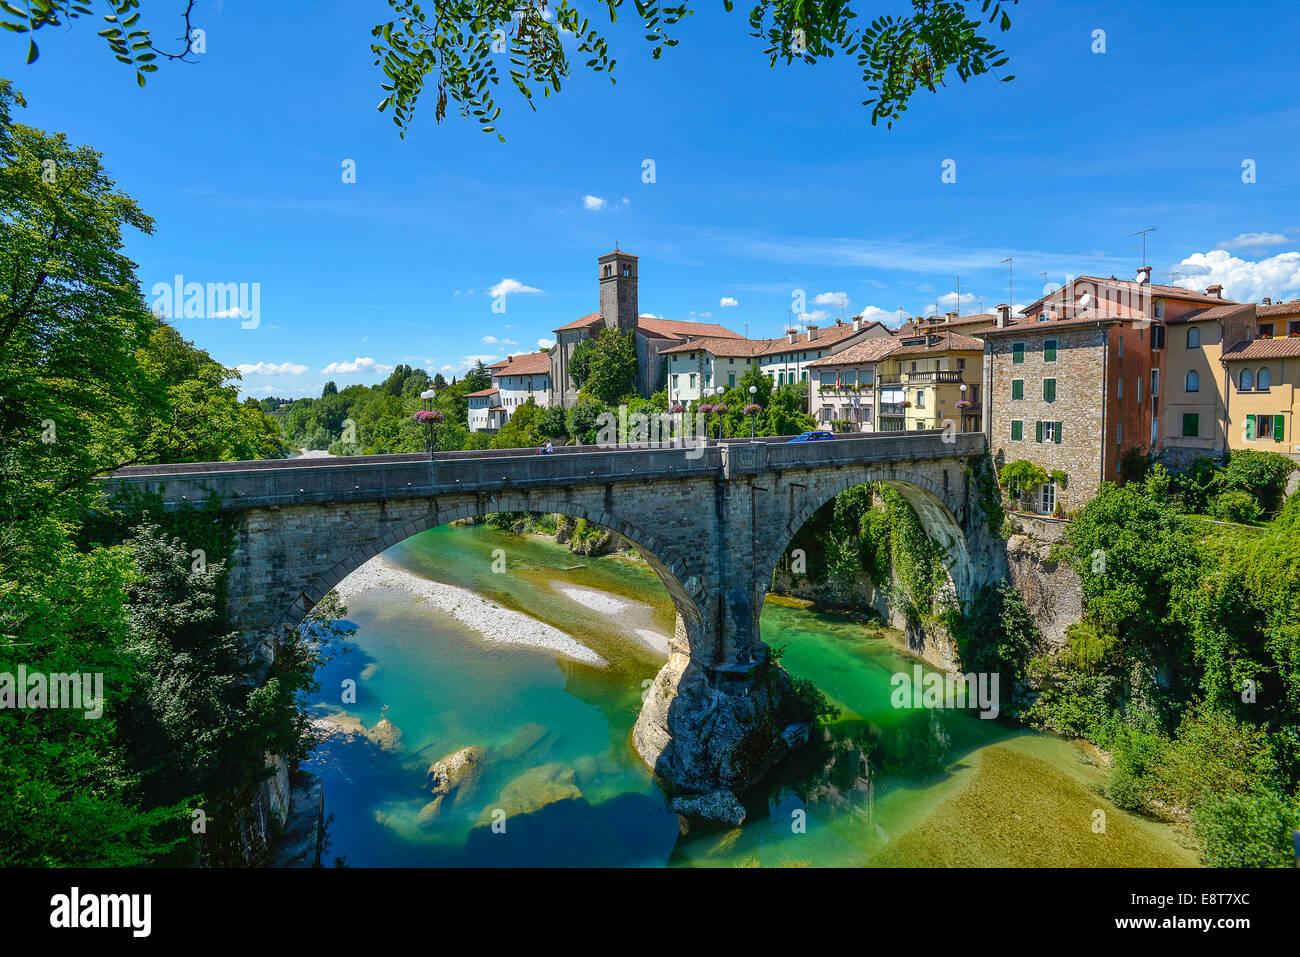 Italia friuli v g cividale il ponte del diavolo sul fiume natisone stock photo royalty free - Il giardino sul fiume ...